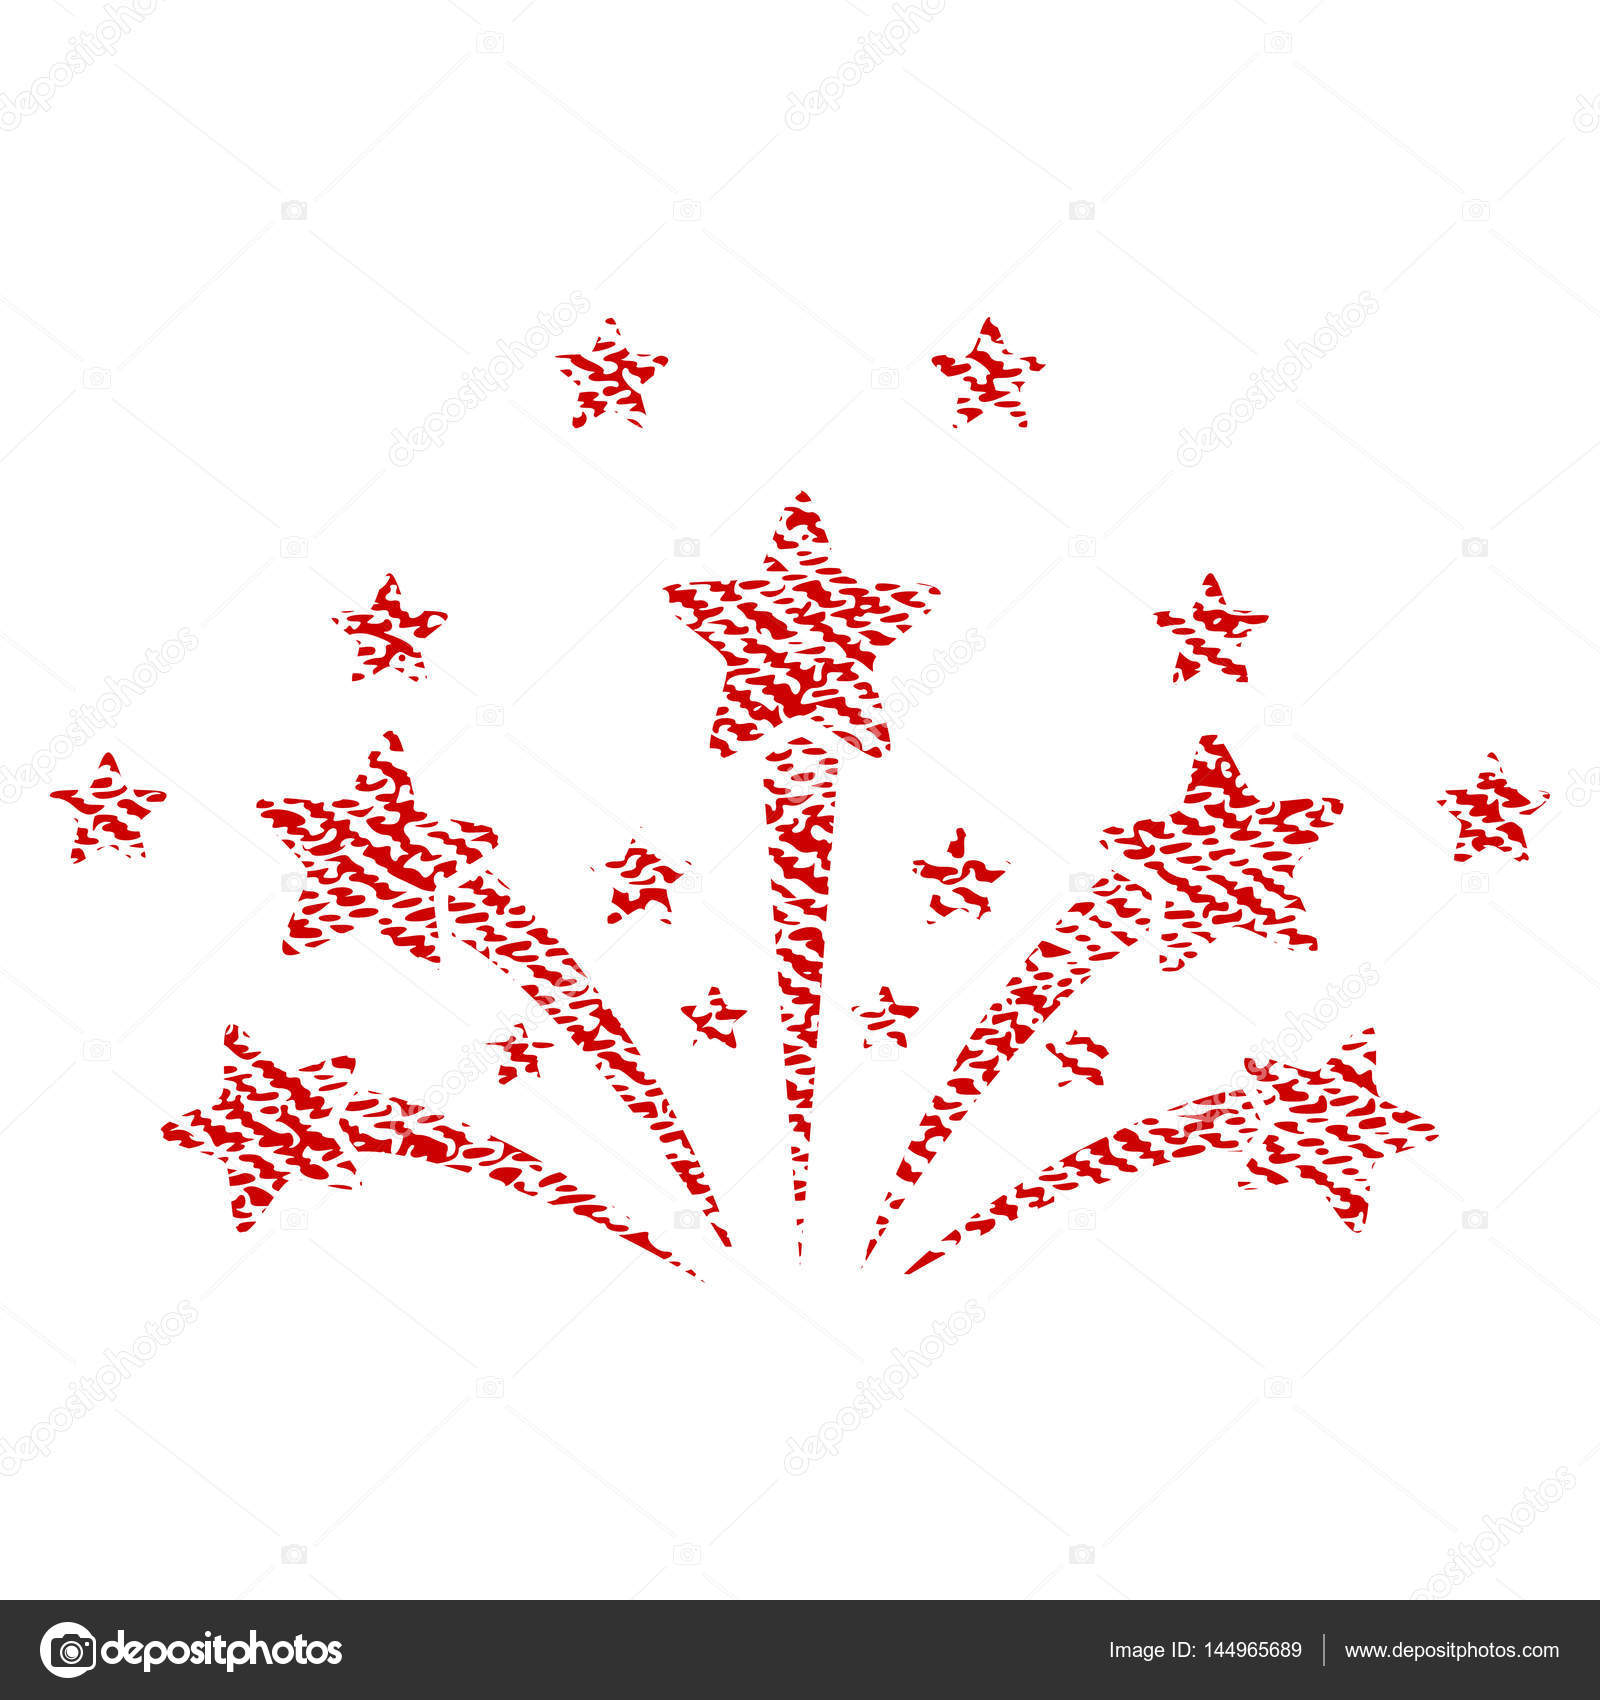 Fuegos Artificiales Estrellas Icono Con Textura De Tela Vector De